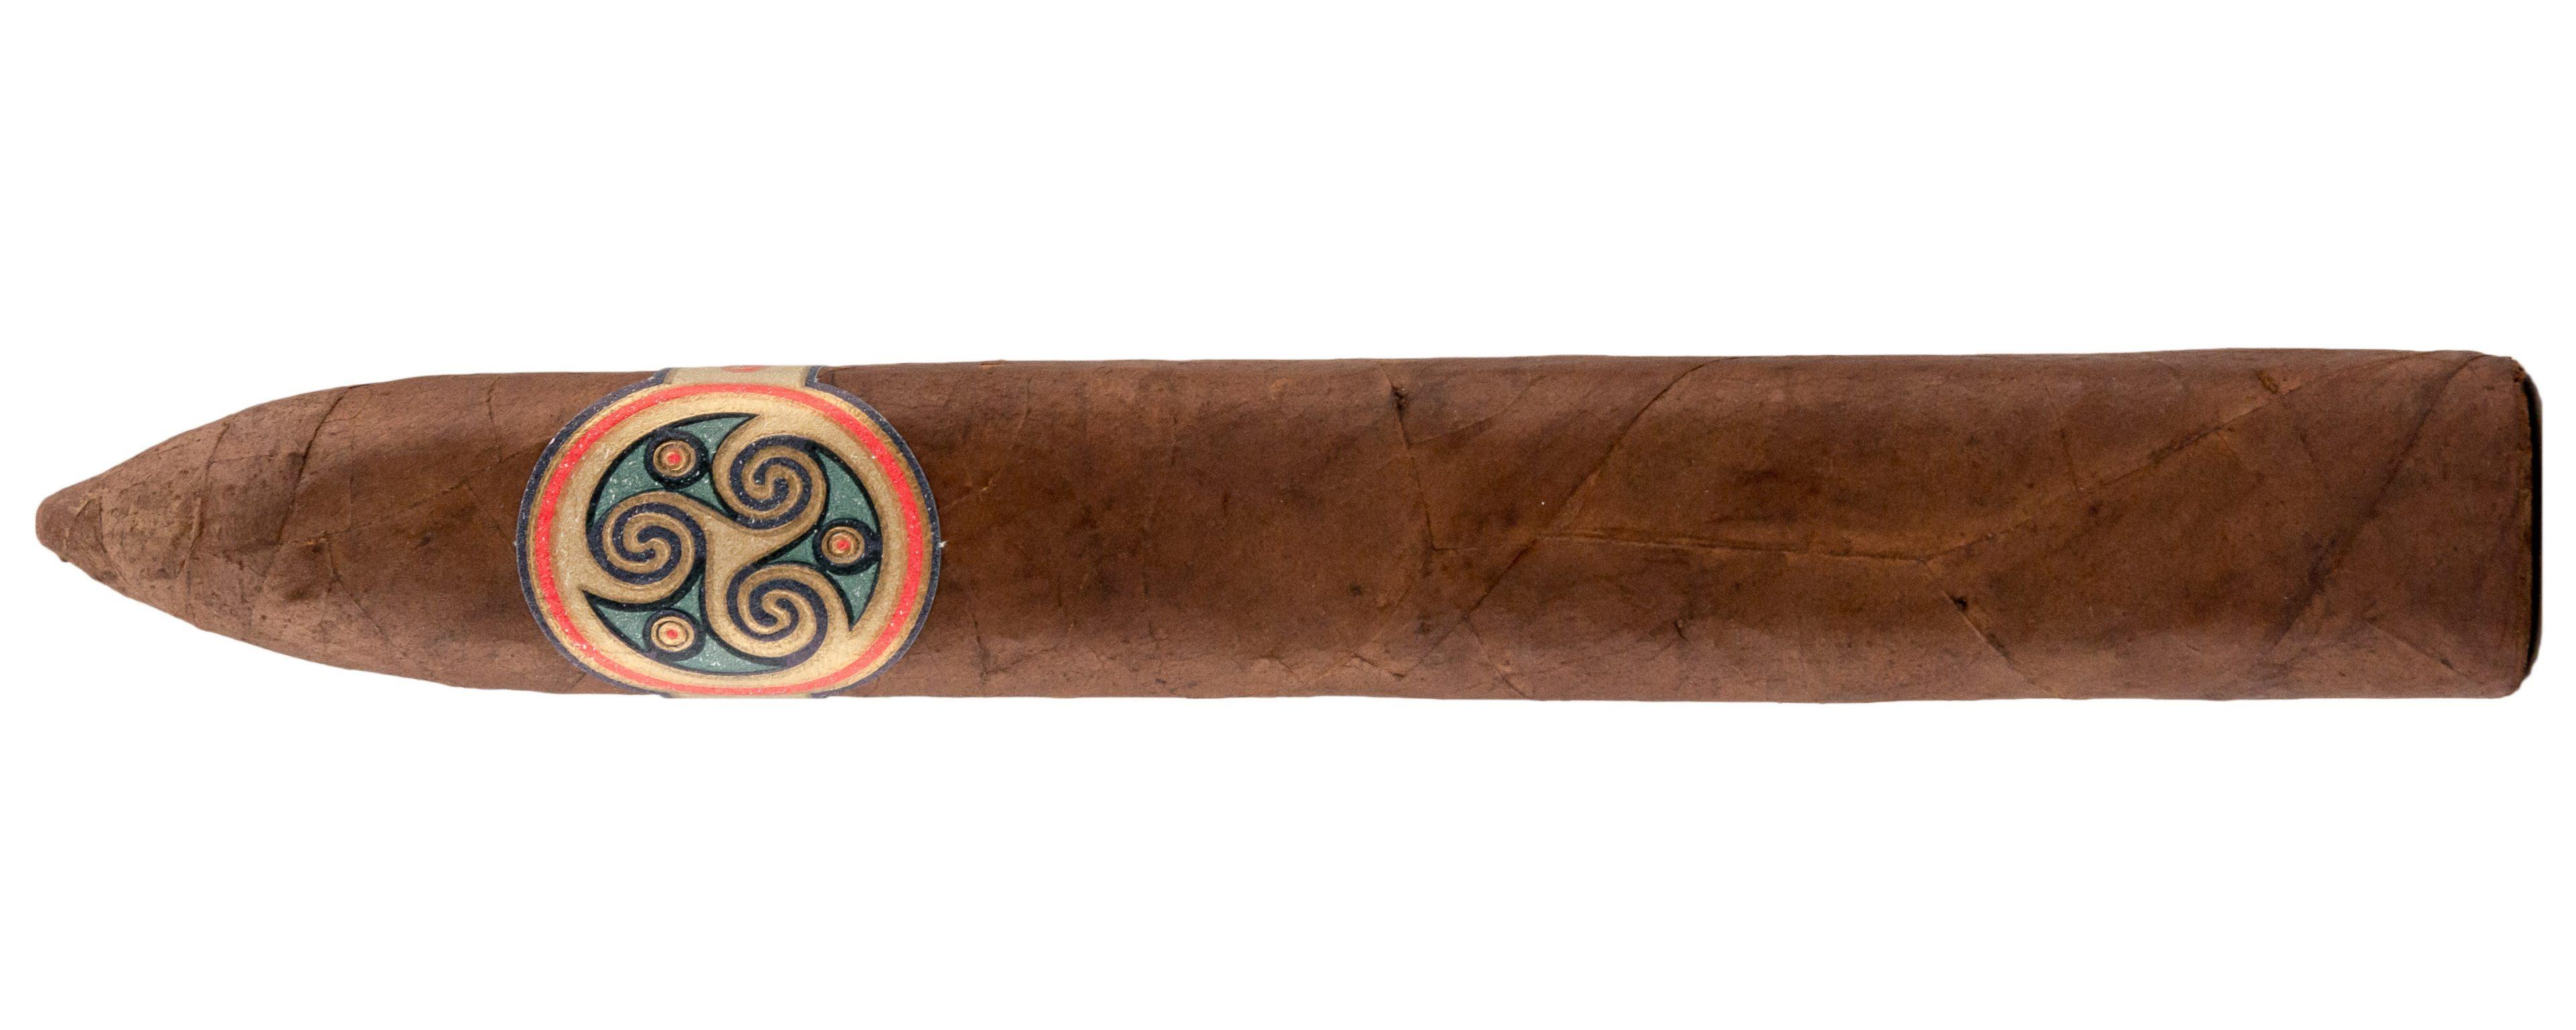 Blind Cigar Review: MBombay | Gaaja Maduro Torpedo